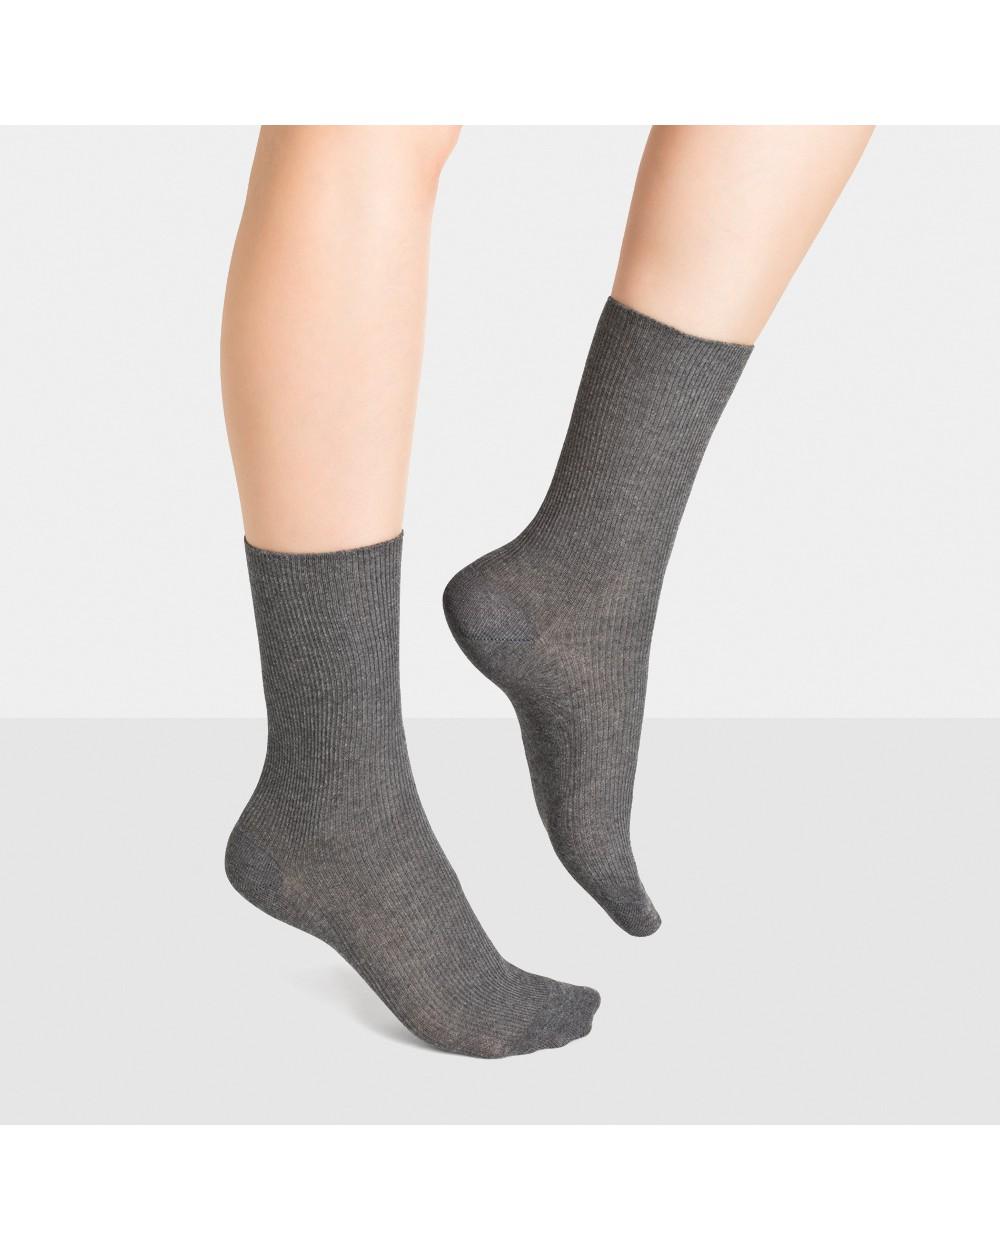 Chaussettes coton non comprimantes